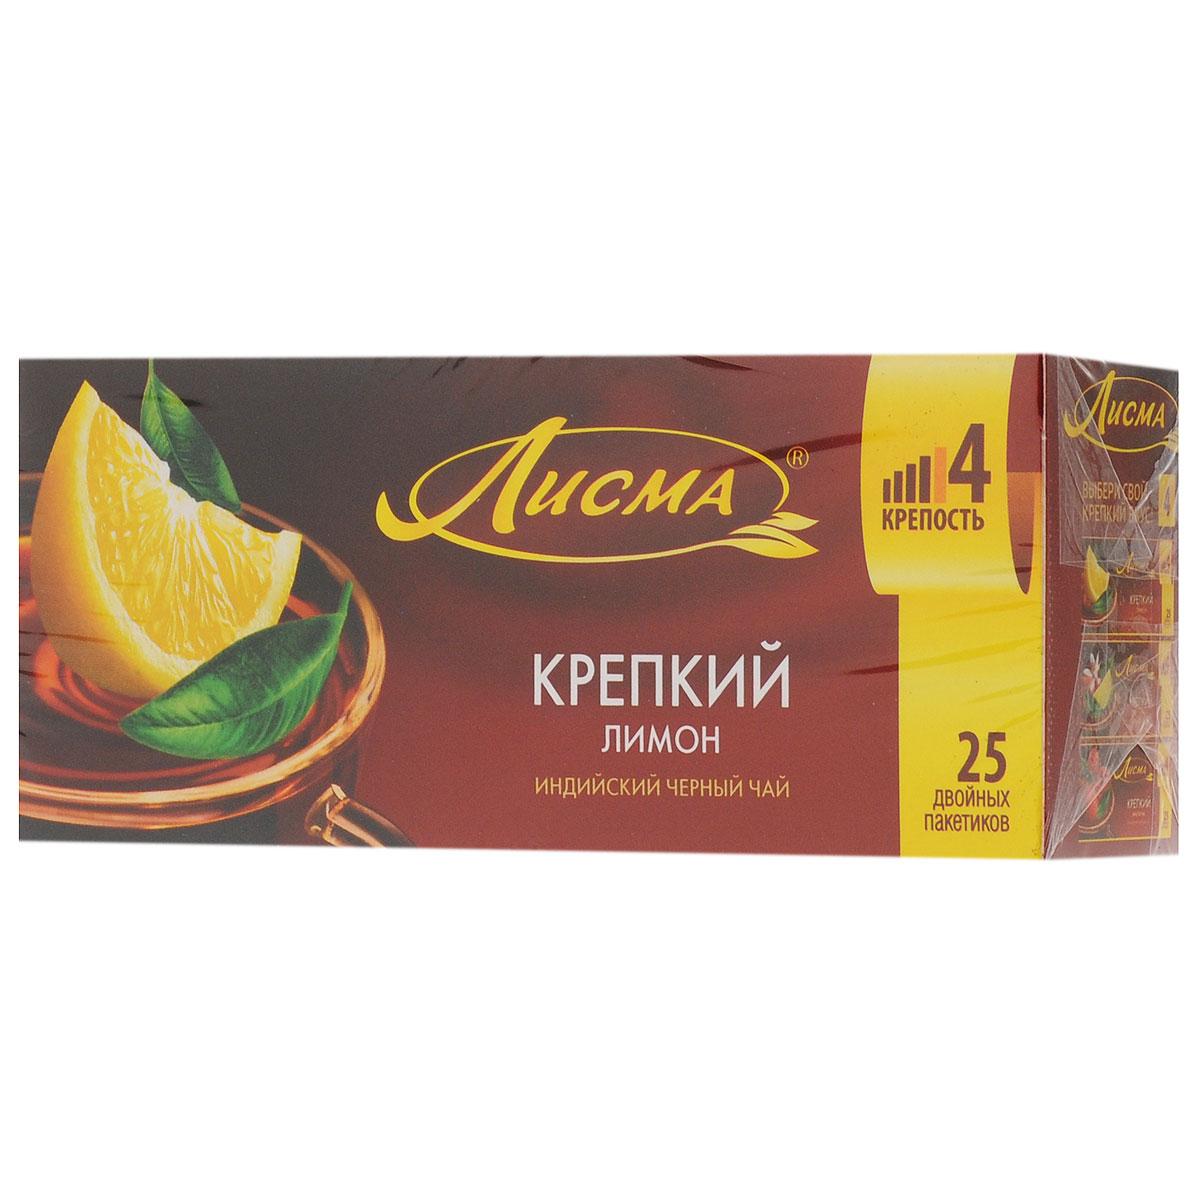 Лисма Крепкий Лимон черный чай в пакетиках, 25 шт